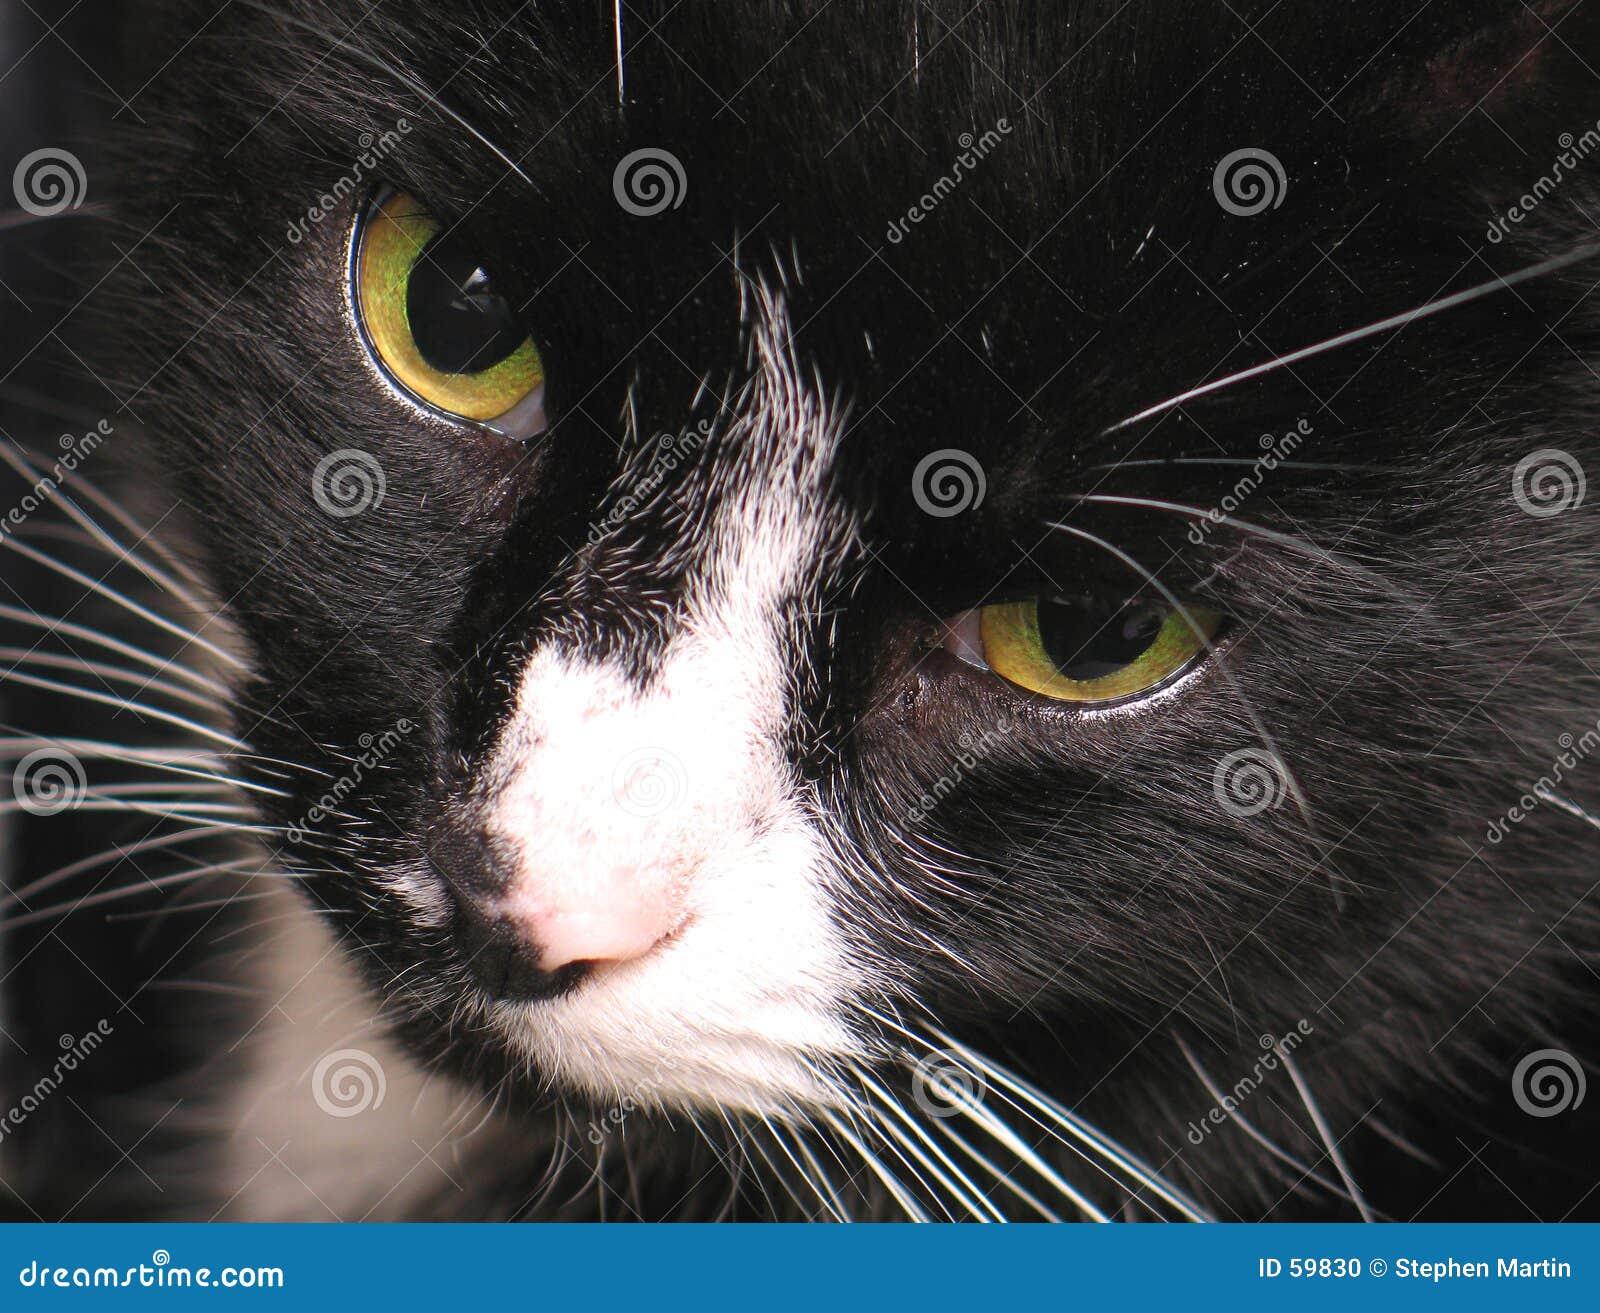 Katten eyes s